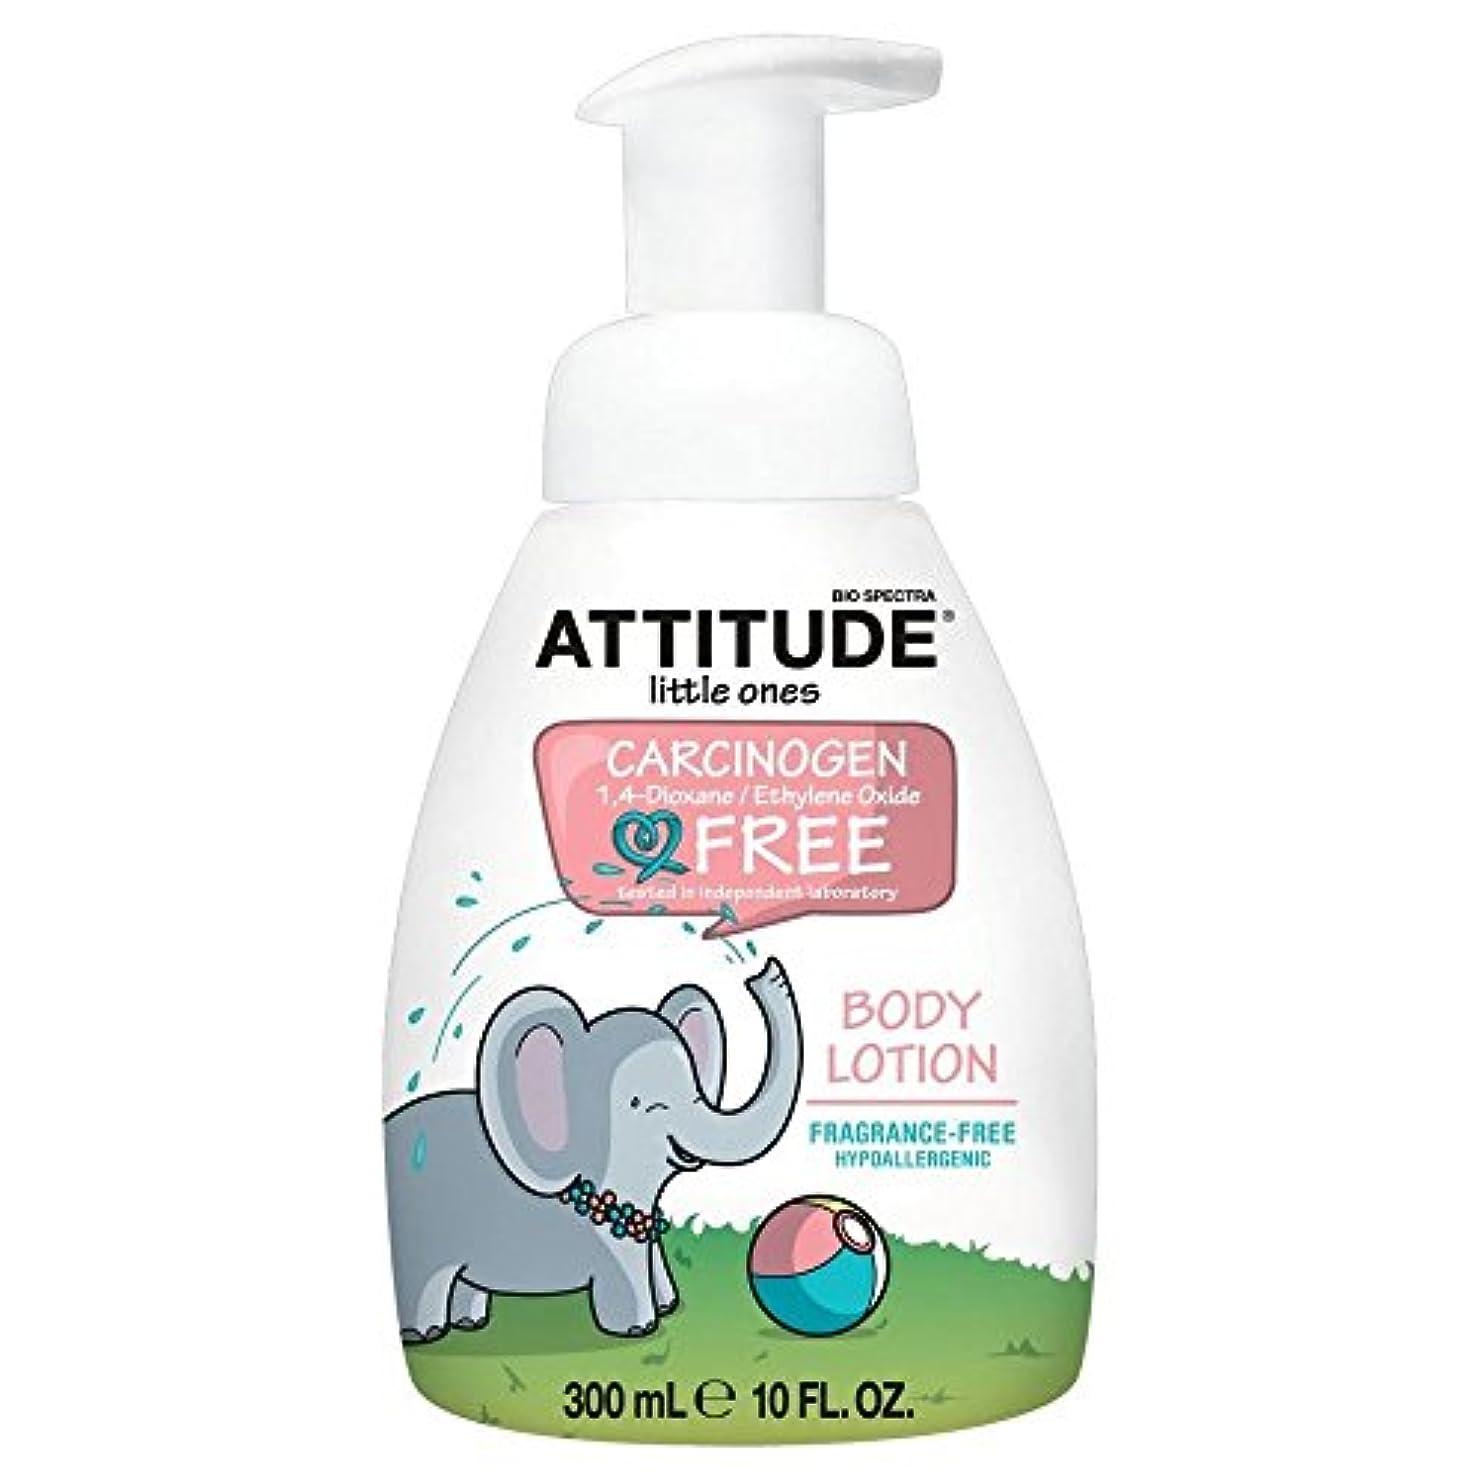 トロリー赤外線ペリスコープAttitude Little Ones Body Lotion - Fragrance Free (295ml) 態度の小さなものボディローション - 無香料( 295ミリリットル)